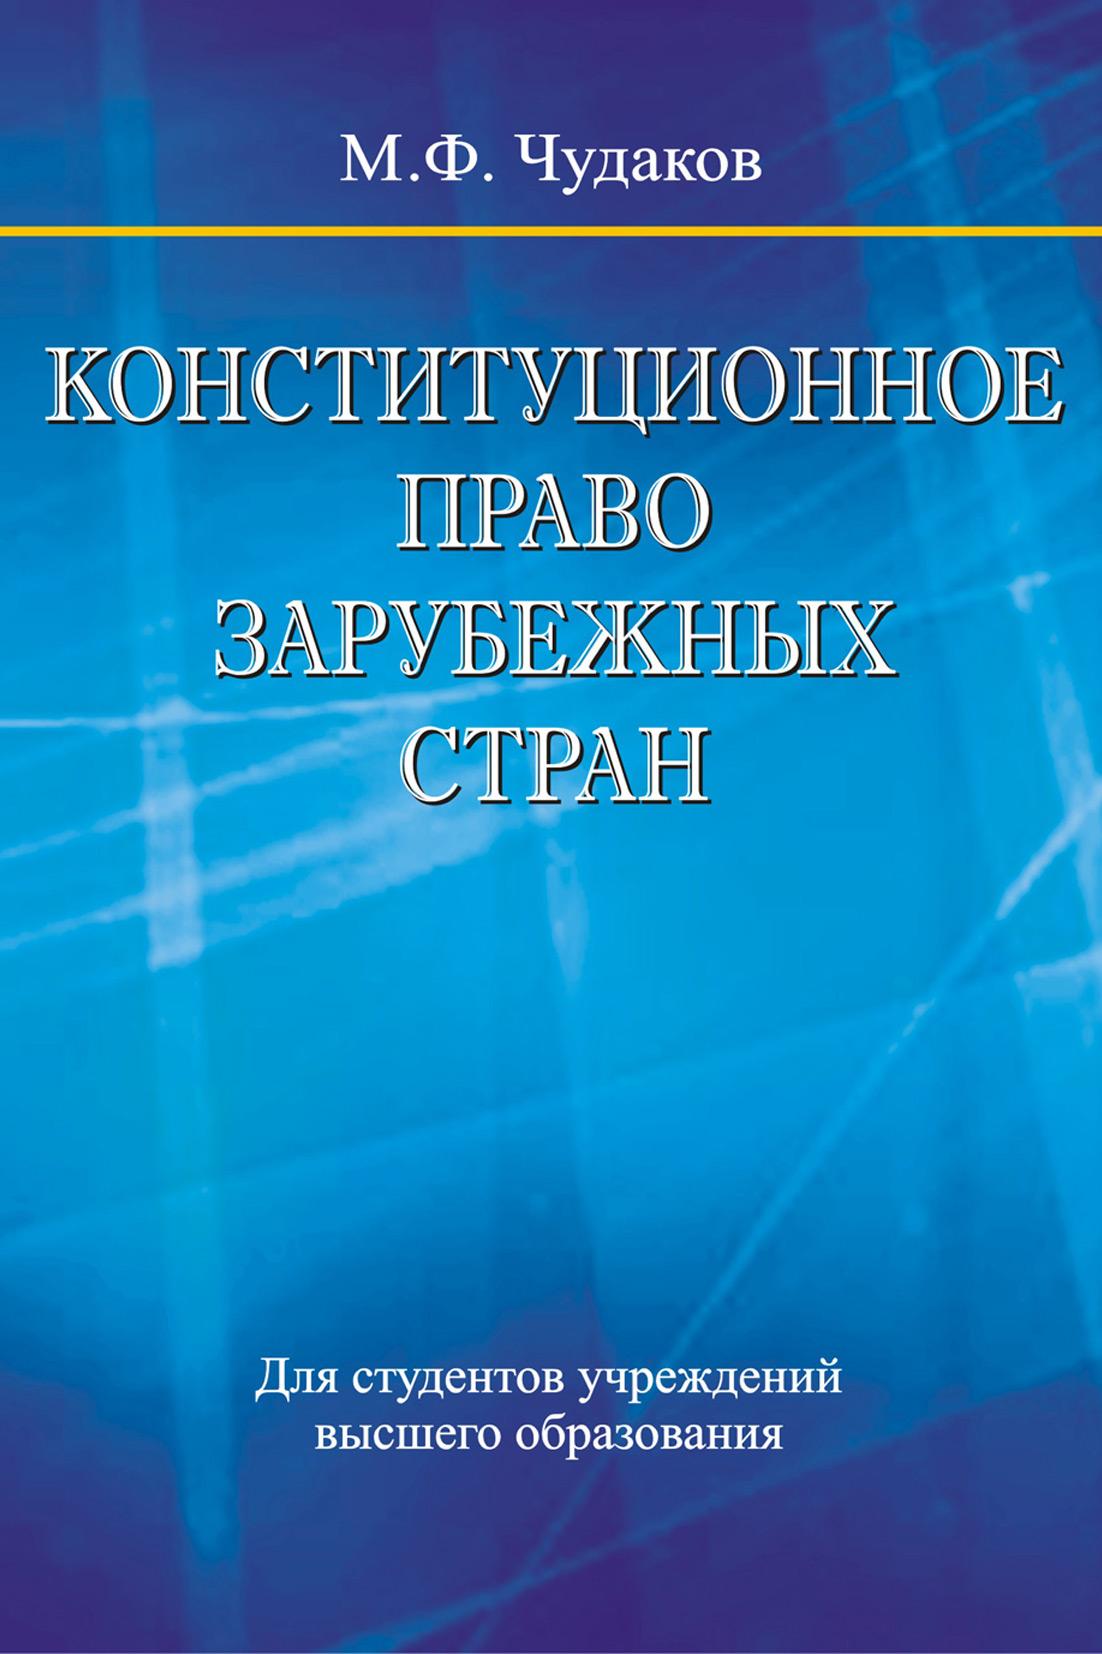 Фото - М. Ф. Чудаков Конституционное право зарубежных стран а ф иващенко социалистический реализм в зарубежных литературах